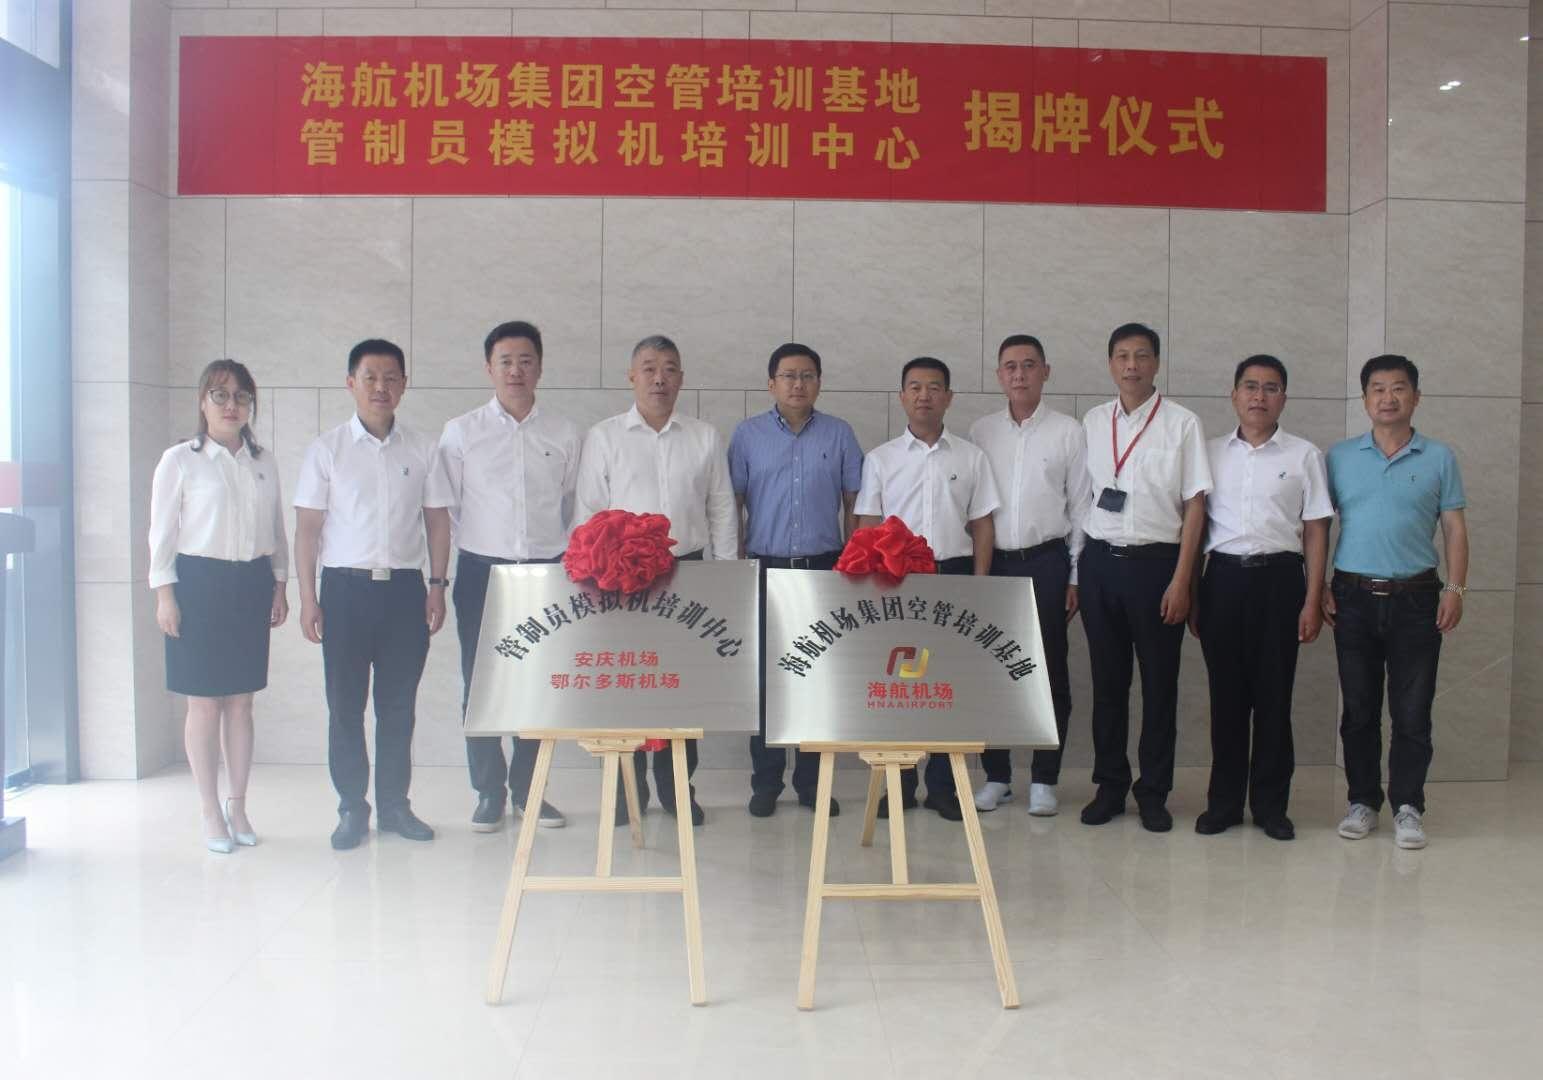 安庆机场管制员复训研讨会暨模拟机培训中心揭牌仪式成功举办